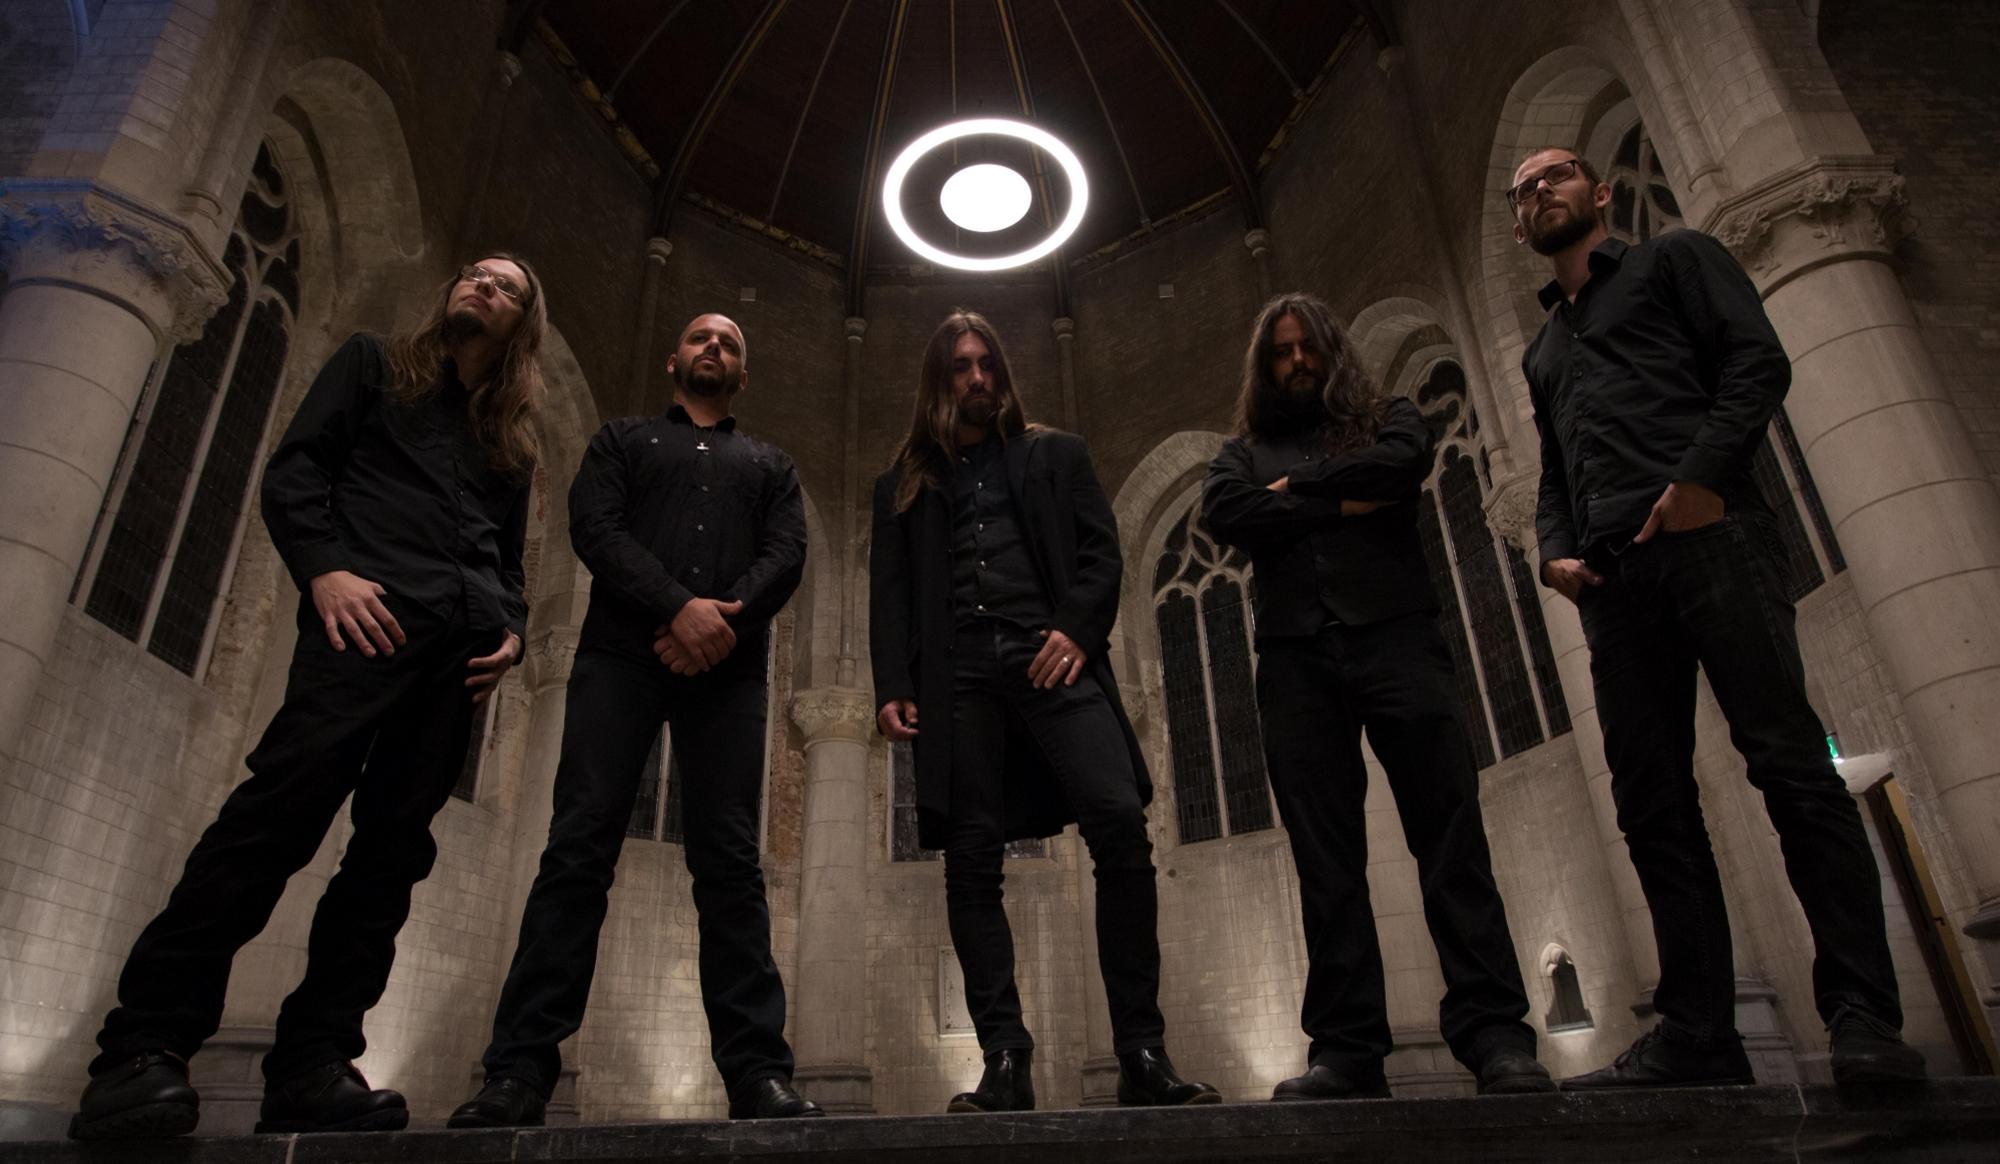 Αποτέλεσμα εικόνας για marche funebre band